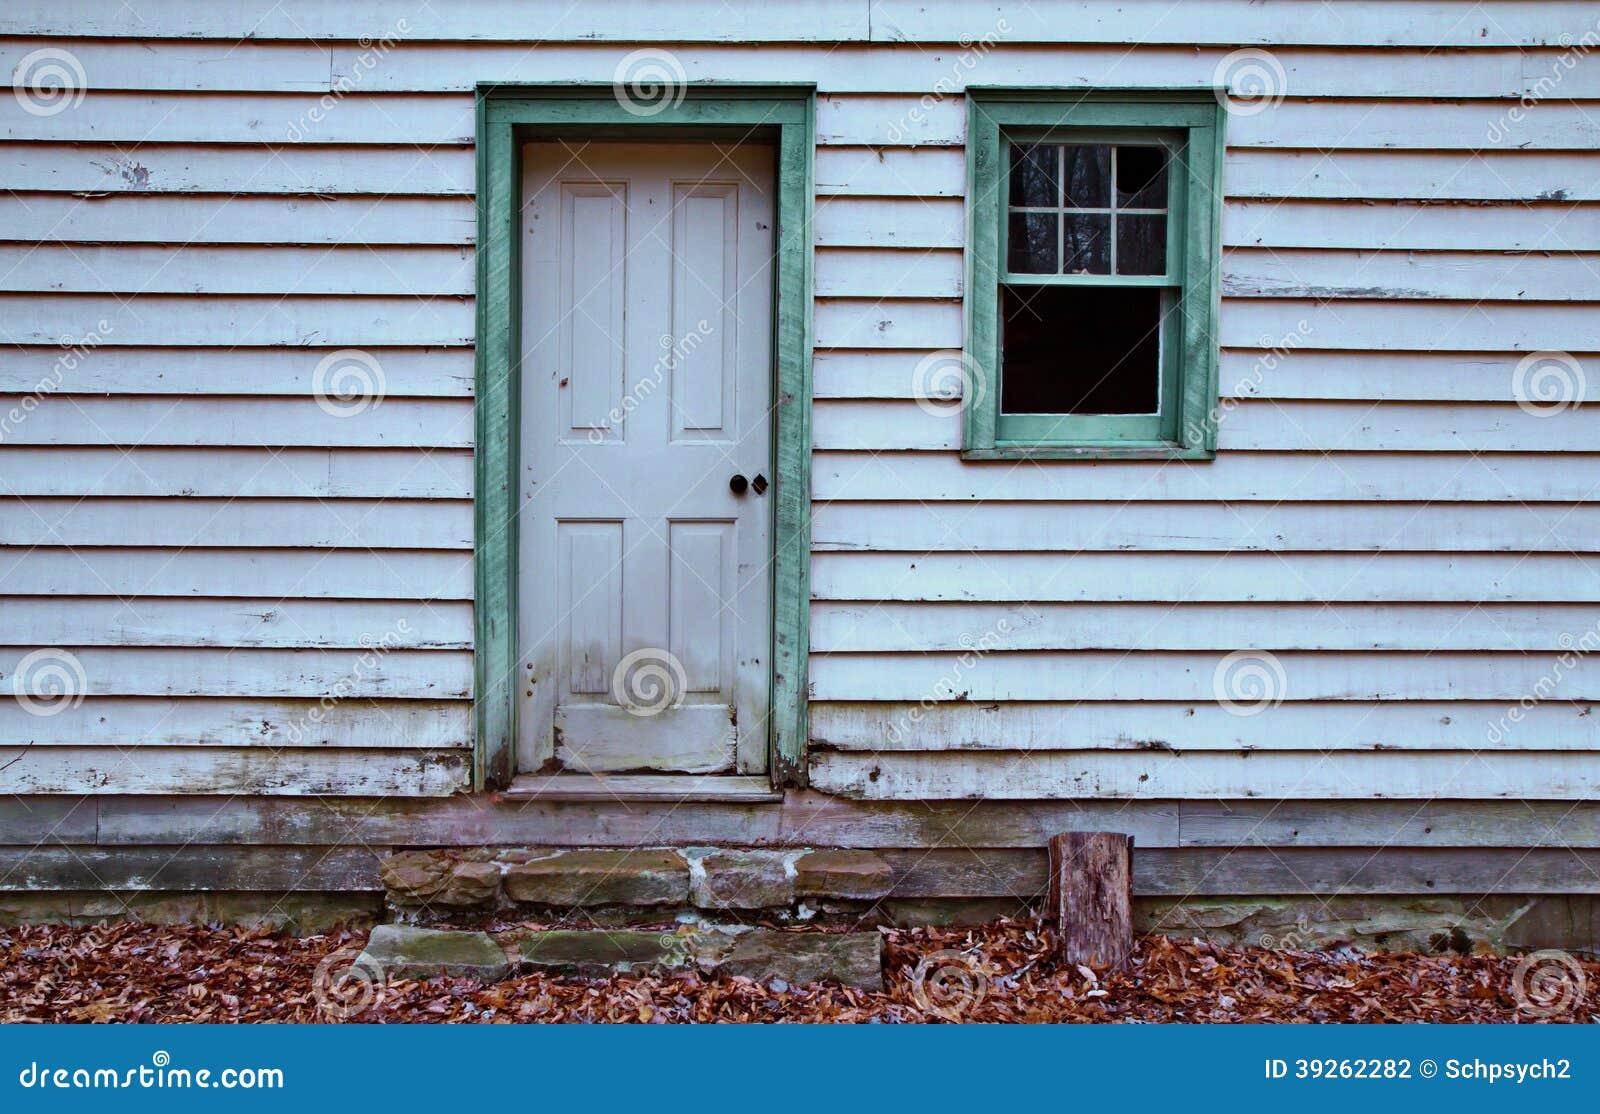 Grün Gestaltetes Türfenster Des Alten Hauses Stockfoto - Bild von ...